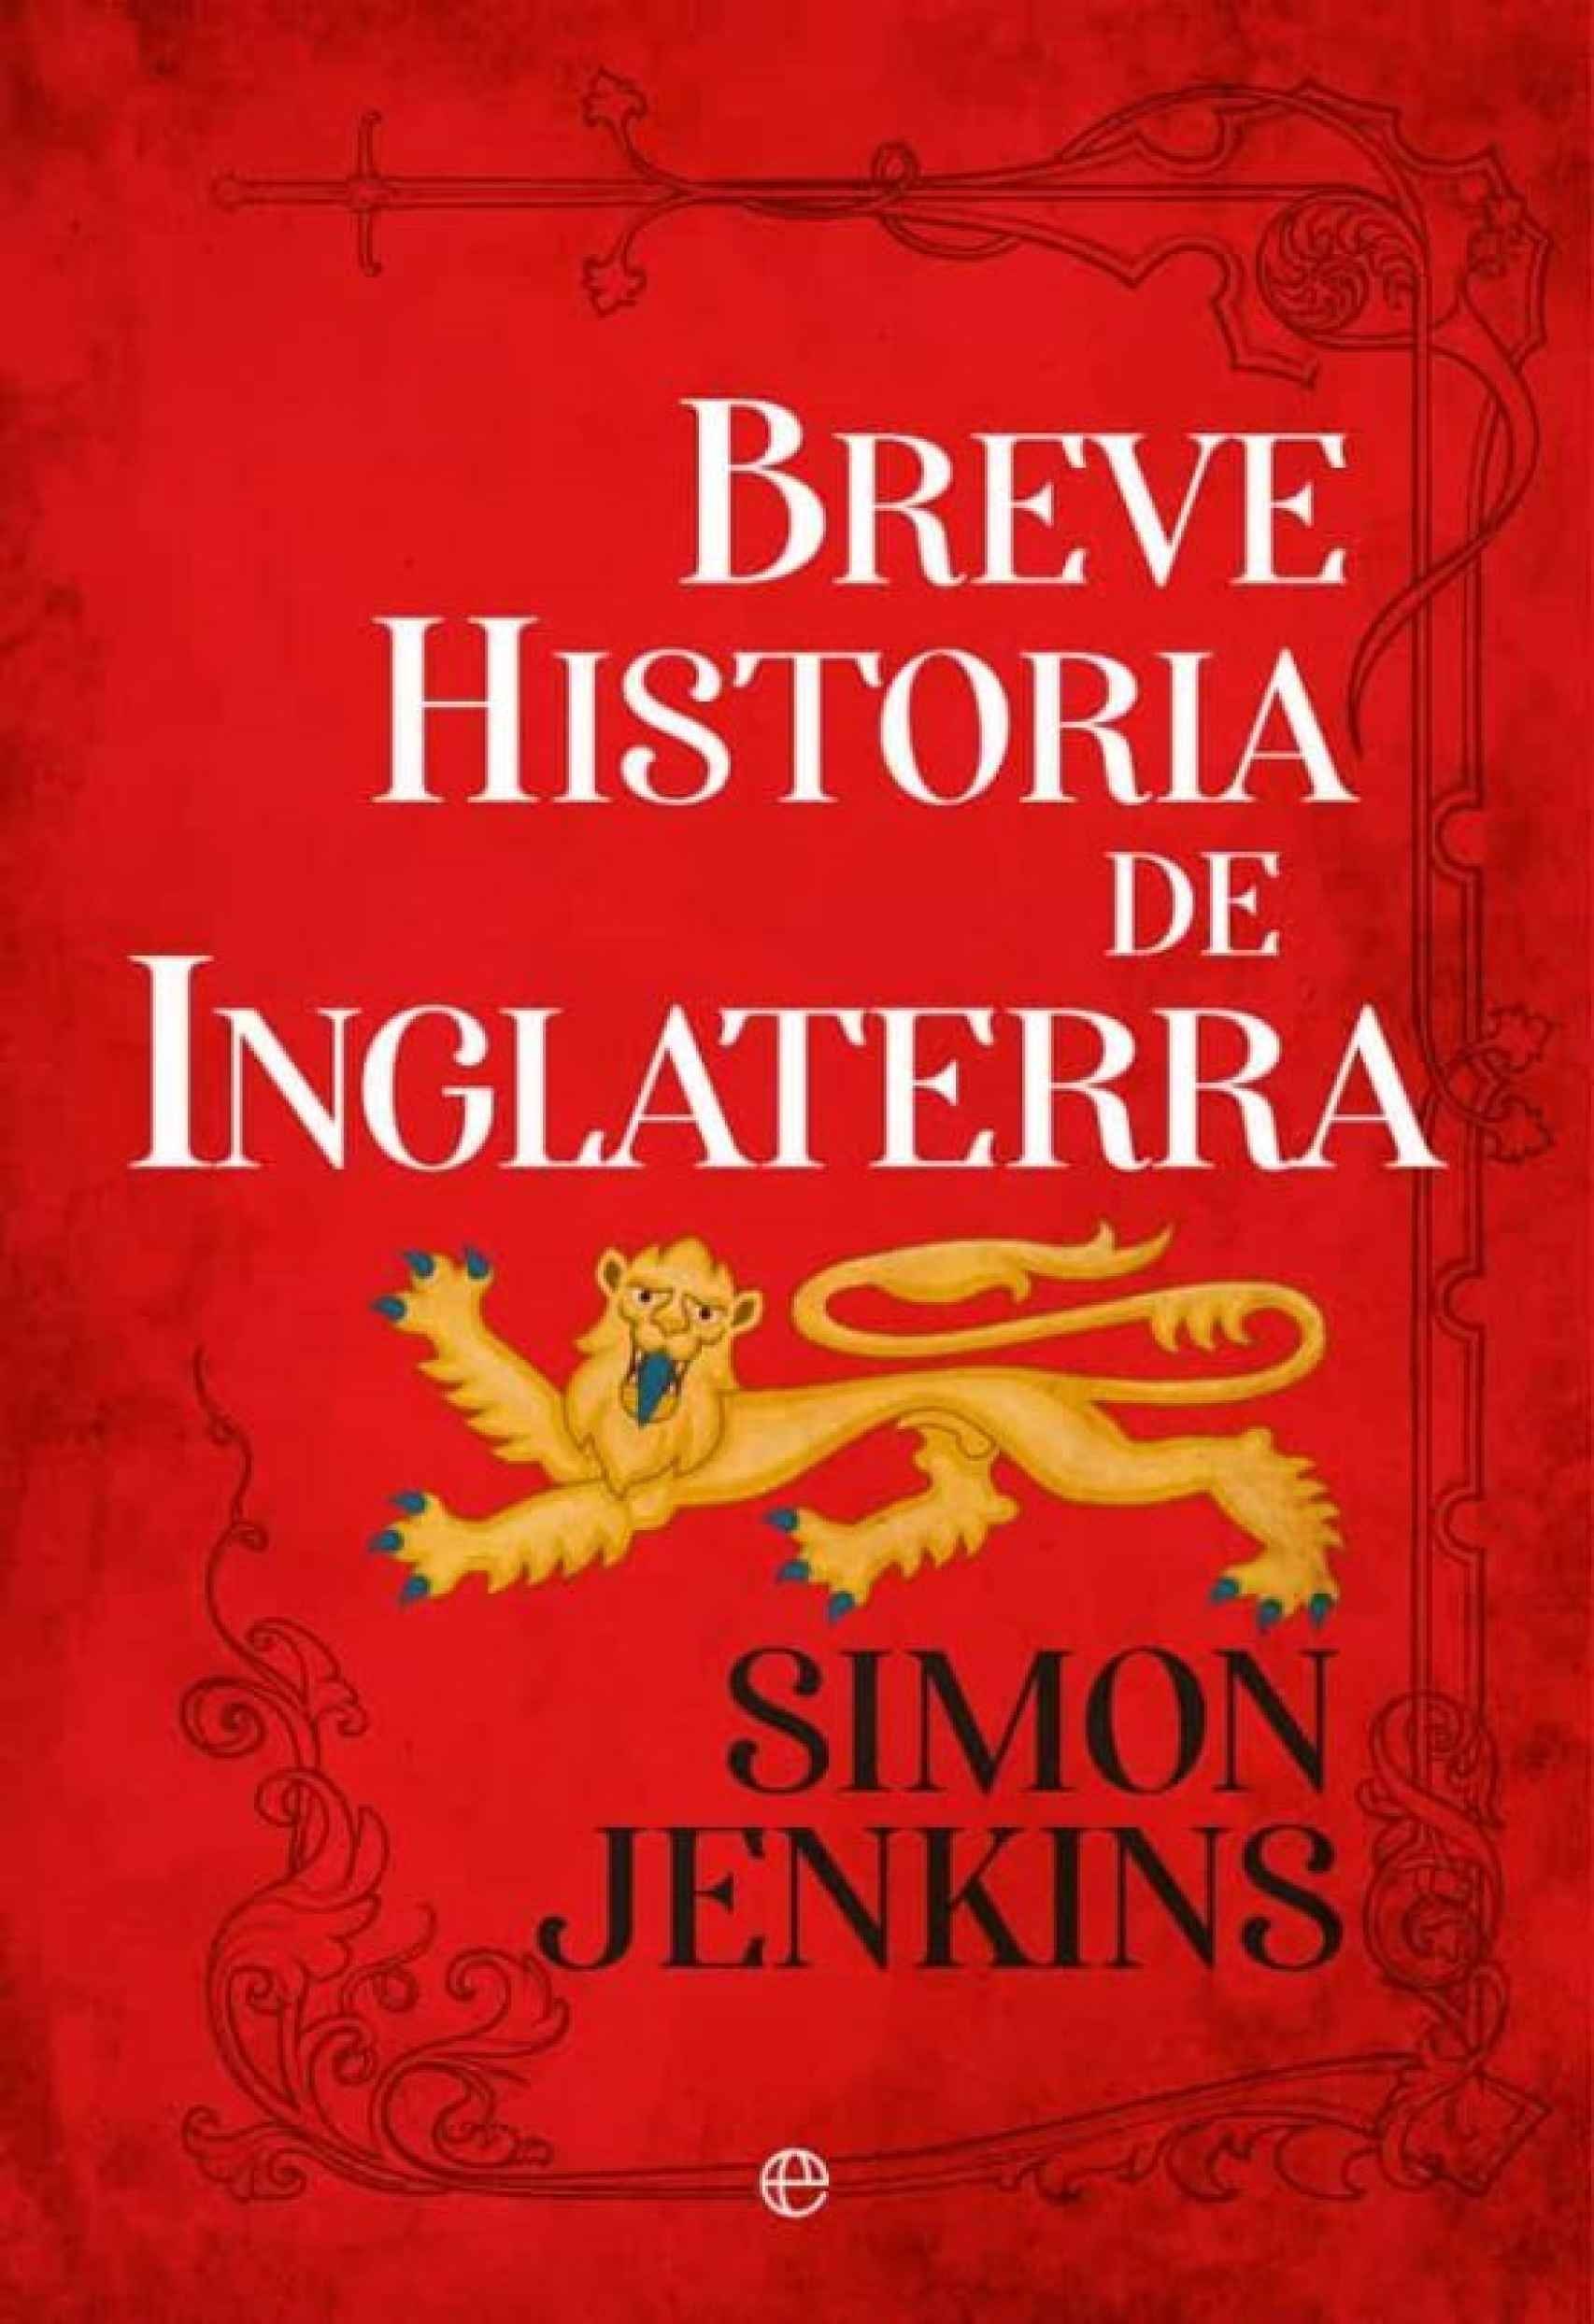 'Breve historia de Inglaterra'.